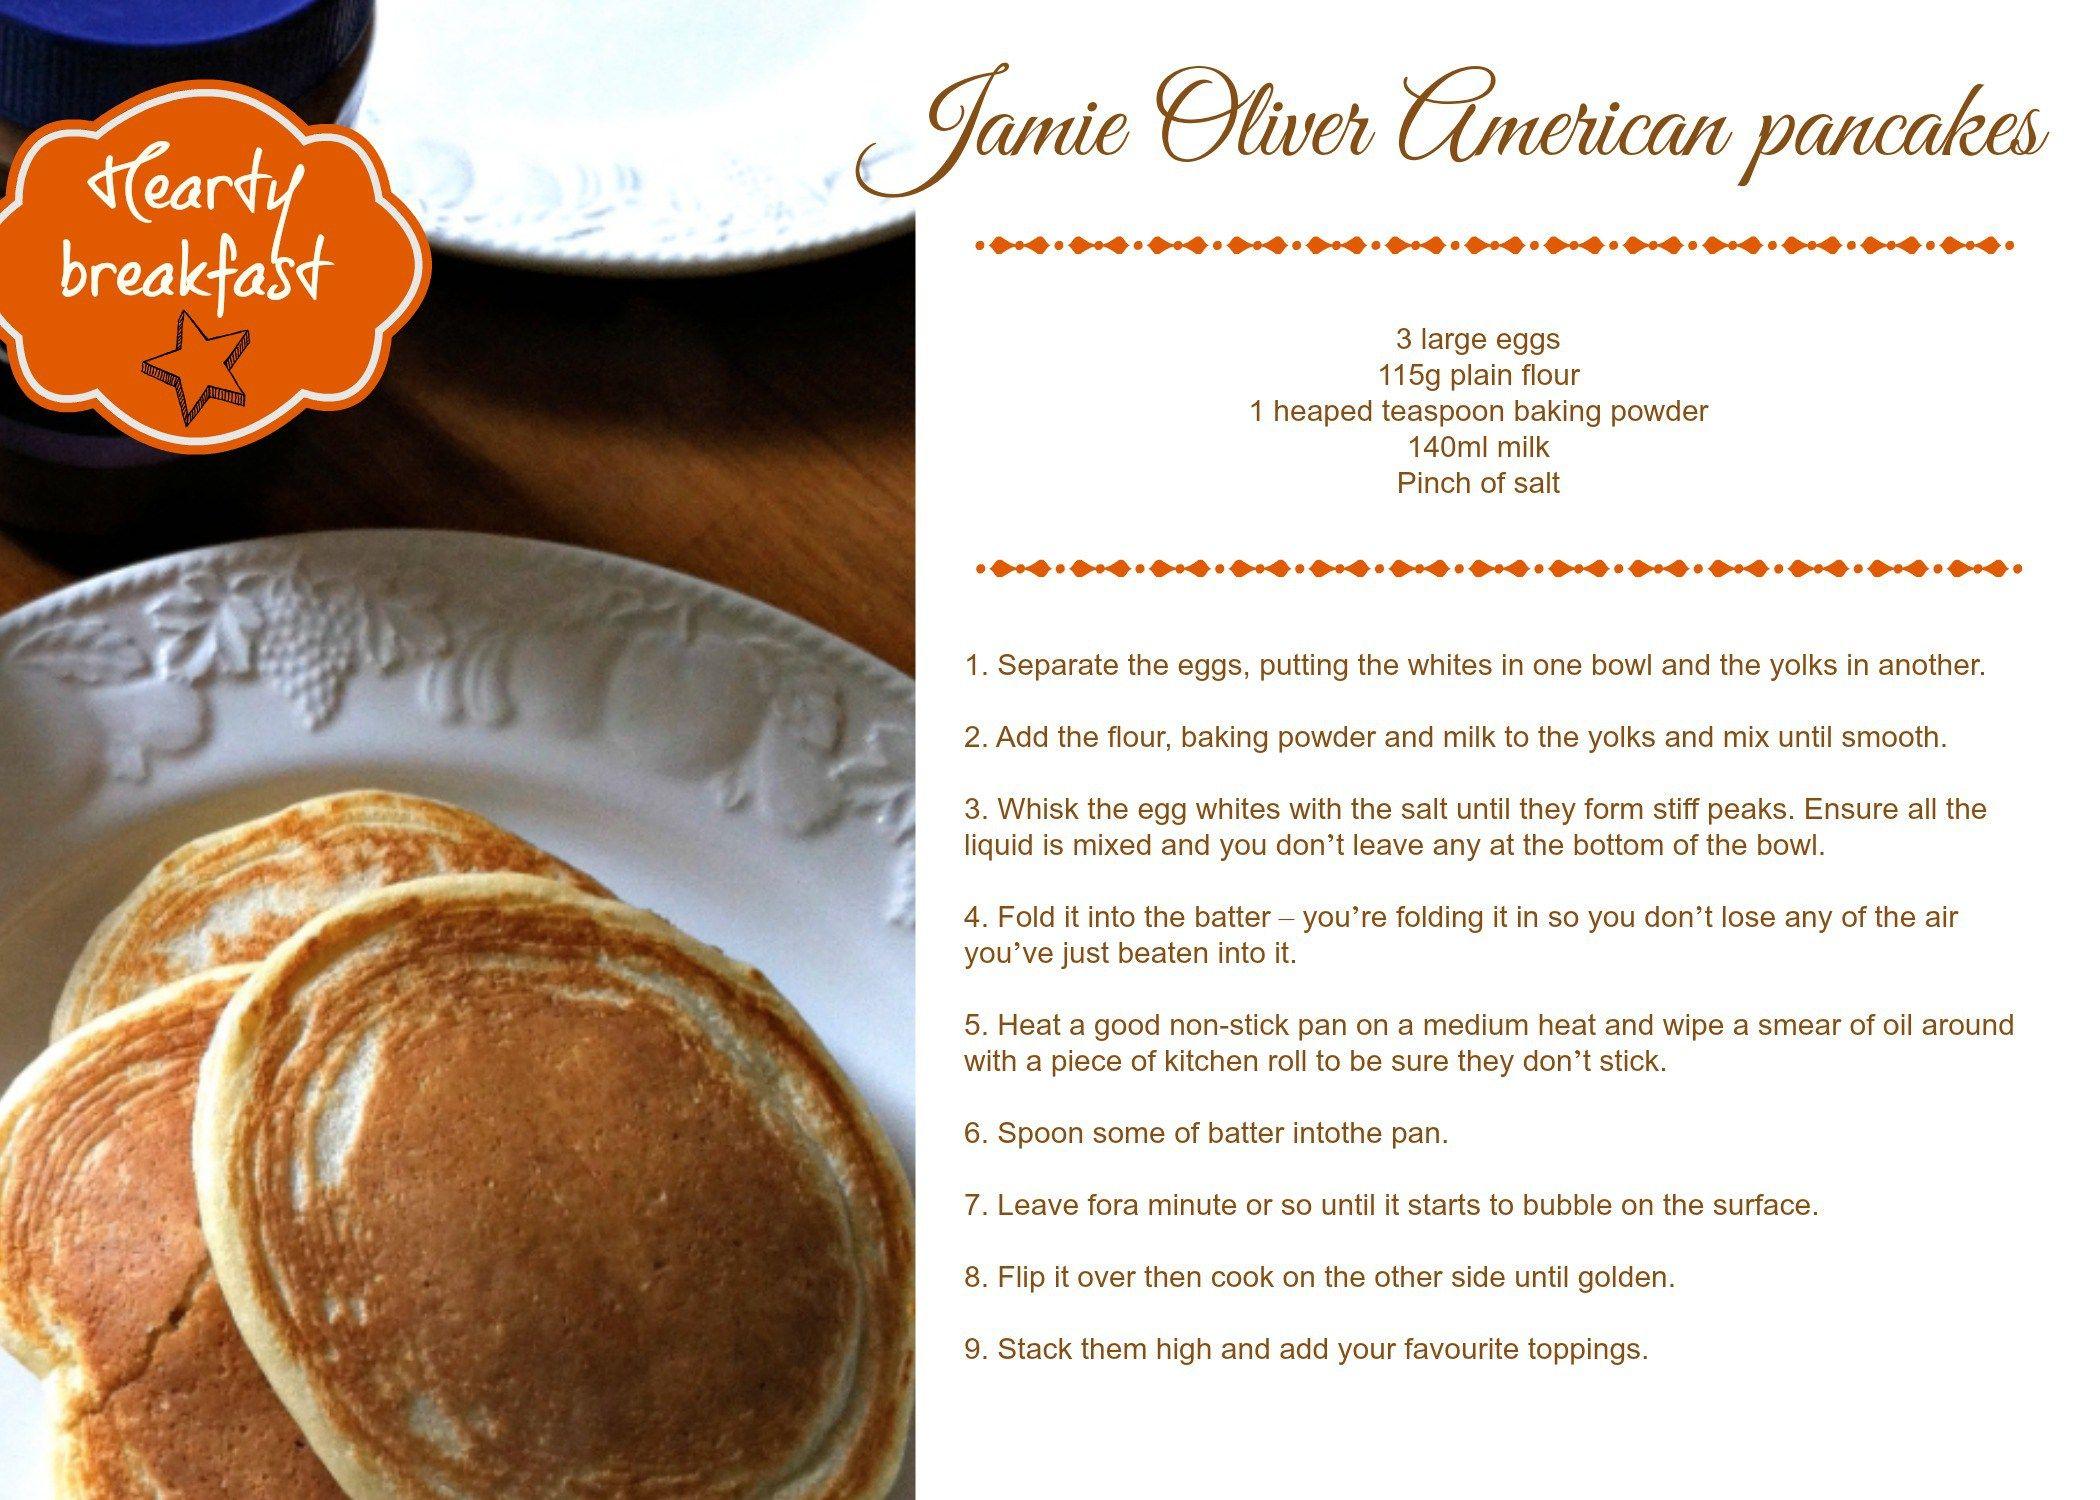 jamie-oliver-american-pancakes-recipe-card.jpg 2.100×1.500 piksel